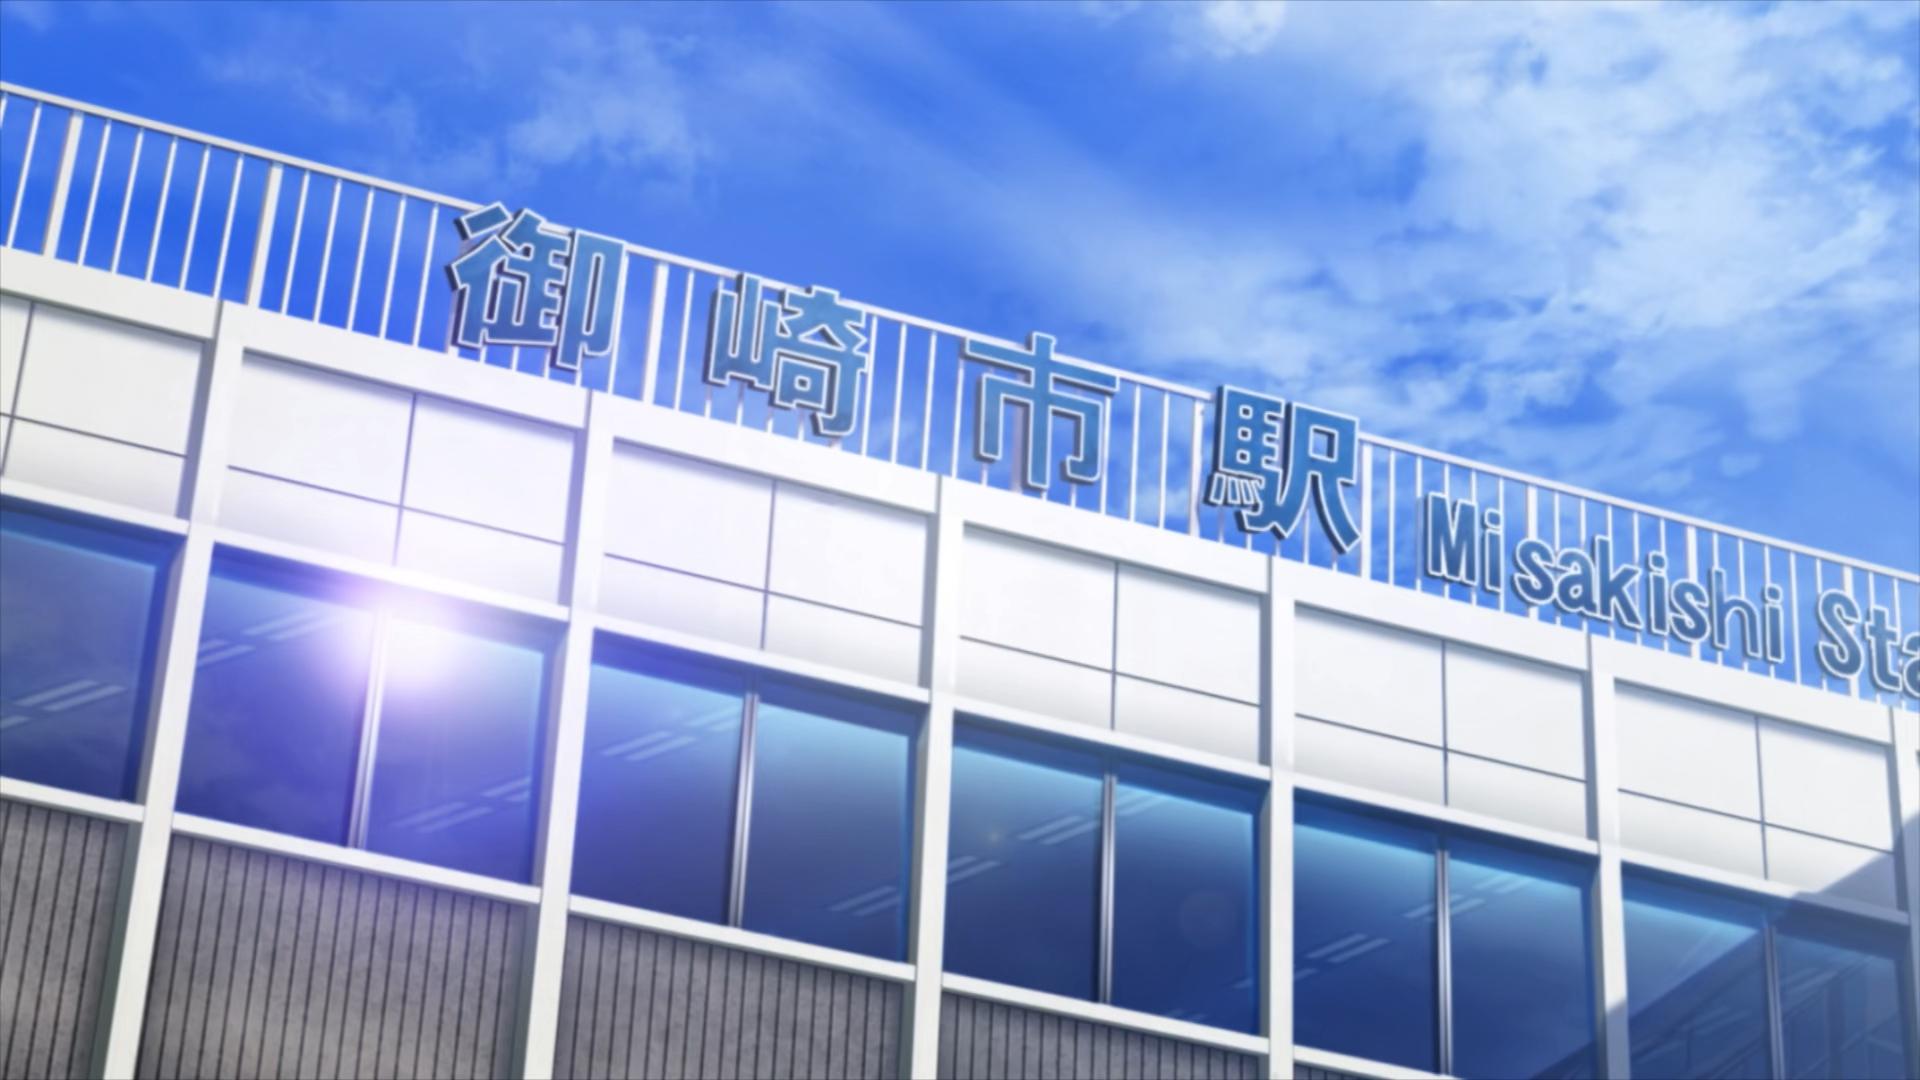 Misaki City Station